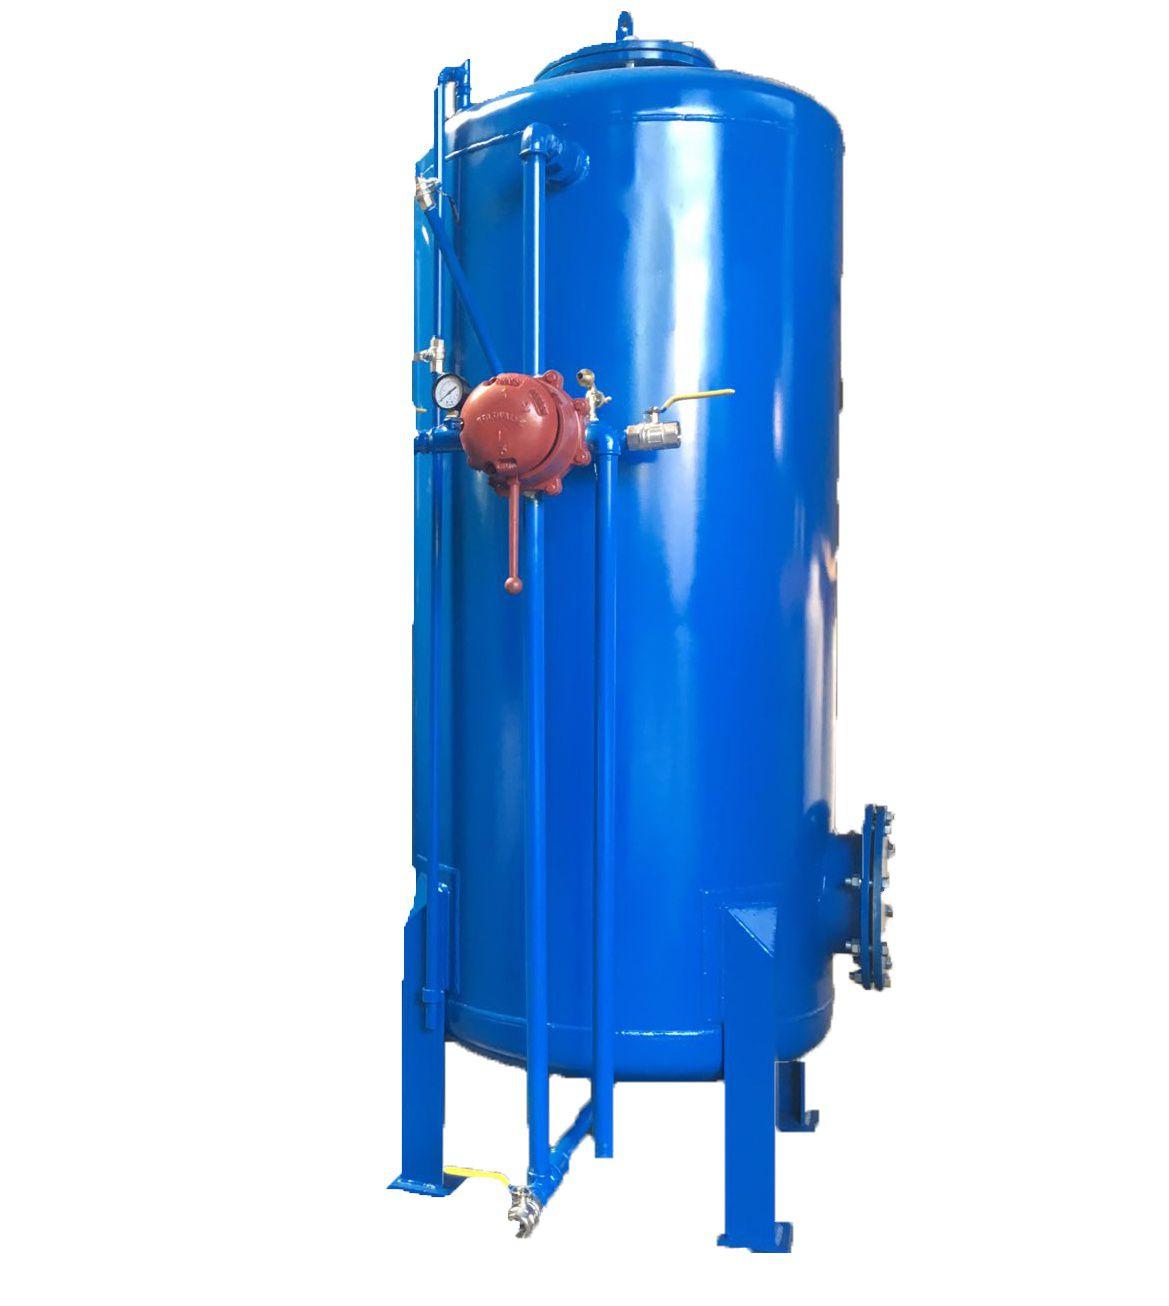 دستگاه سختی گیر FRP رخشاب با ظرفیت 450 کیلو گرین